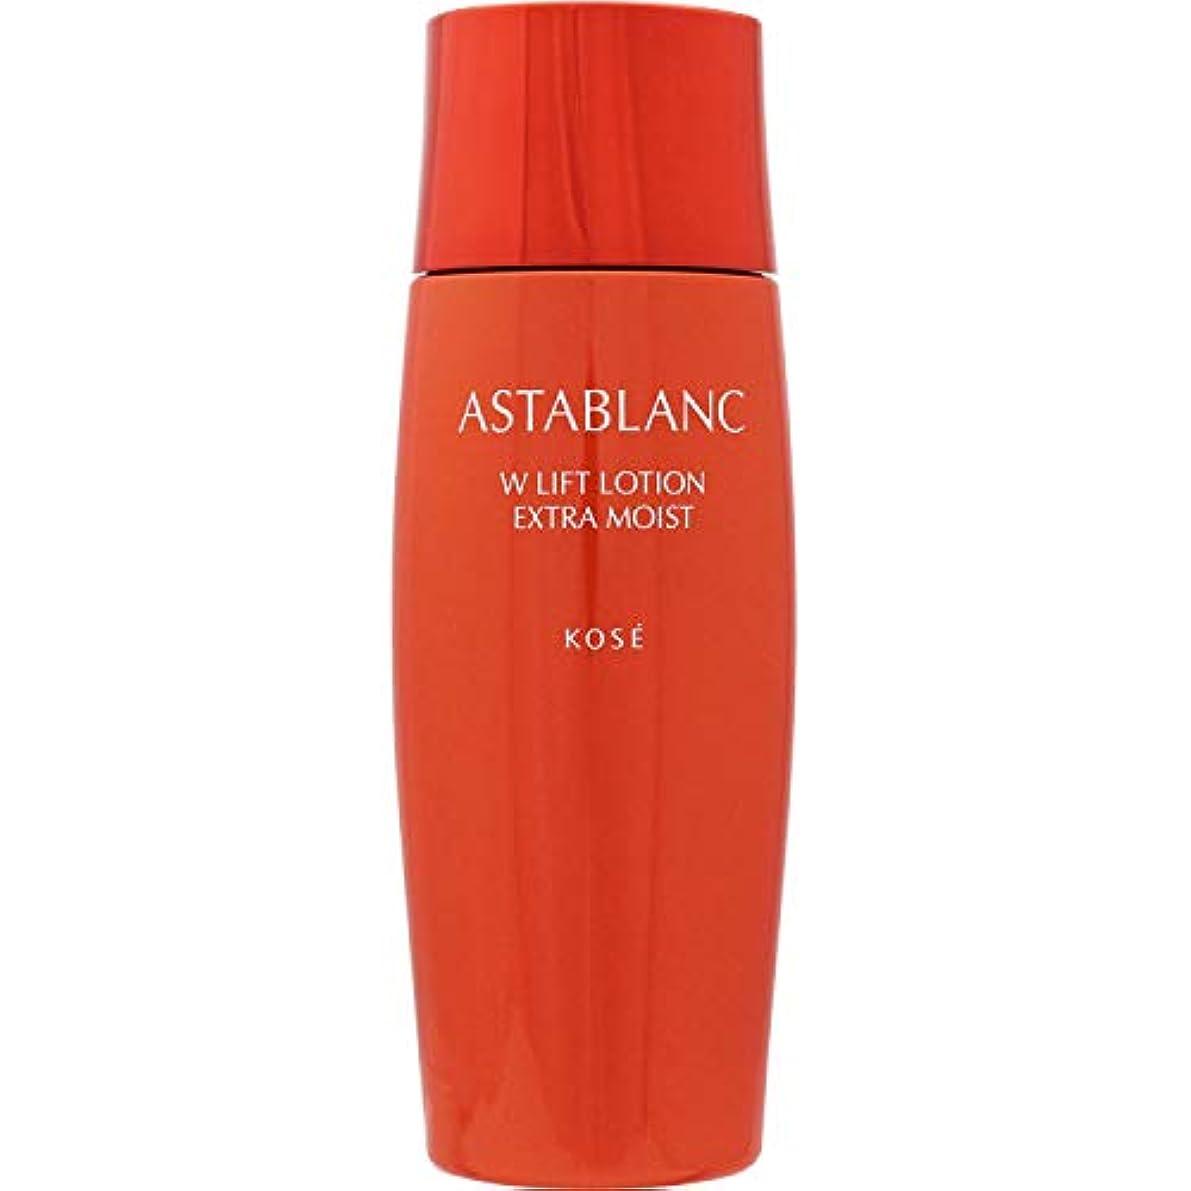 疑問を超えて保守的胸ASTABLANC(アスタブラン) アスタブラン Wリフト ローション とてもしっとり 化粧水 140mL